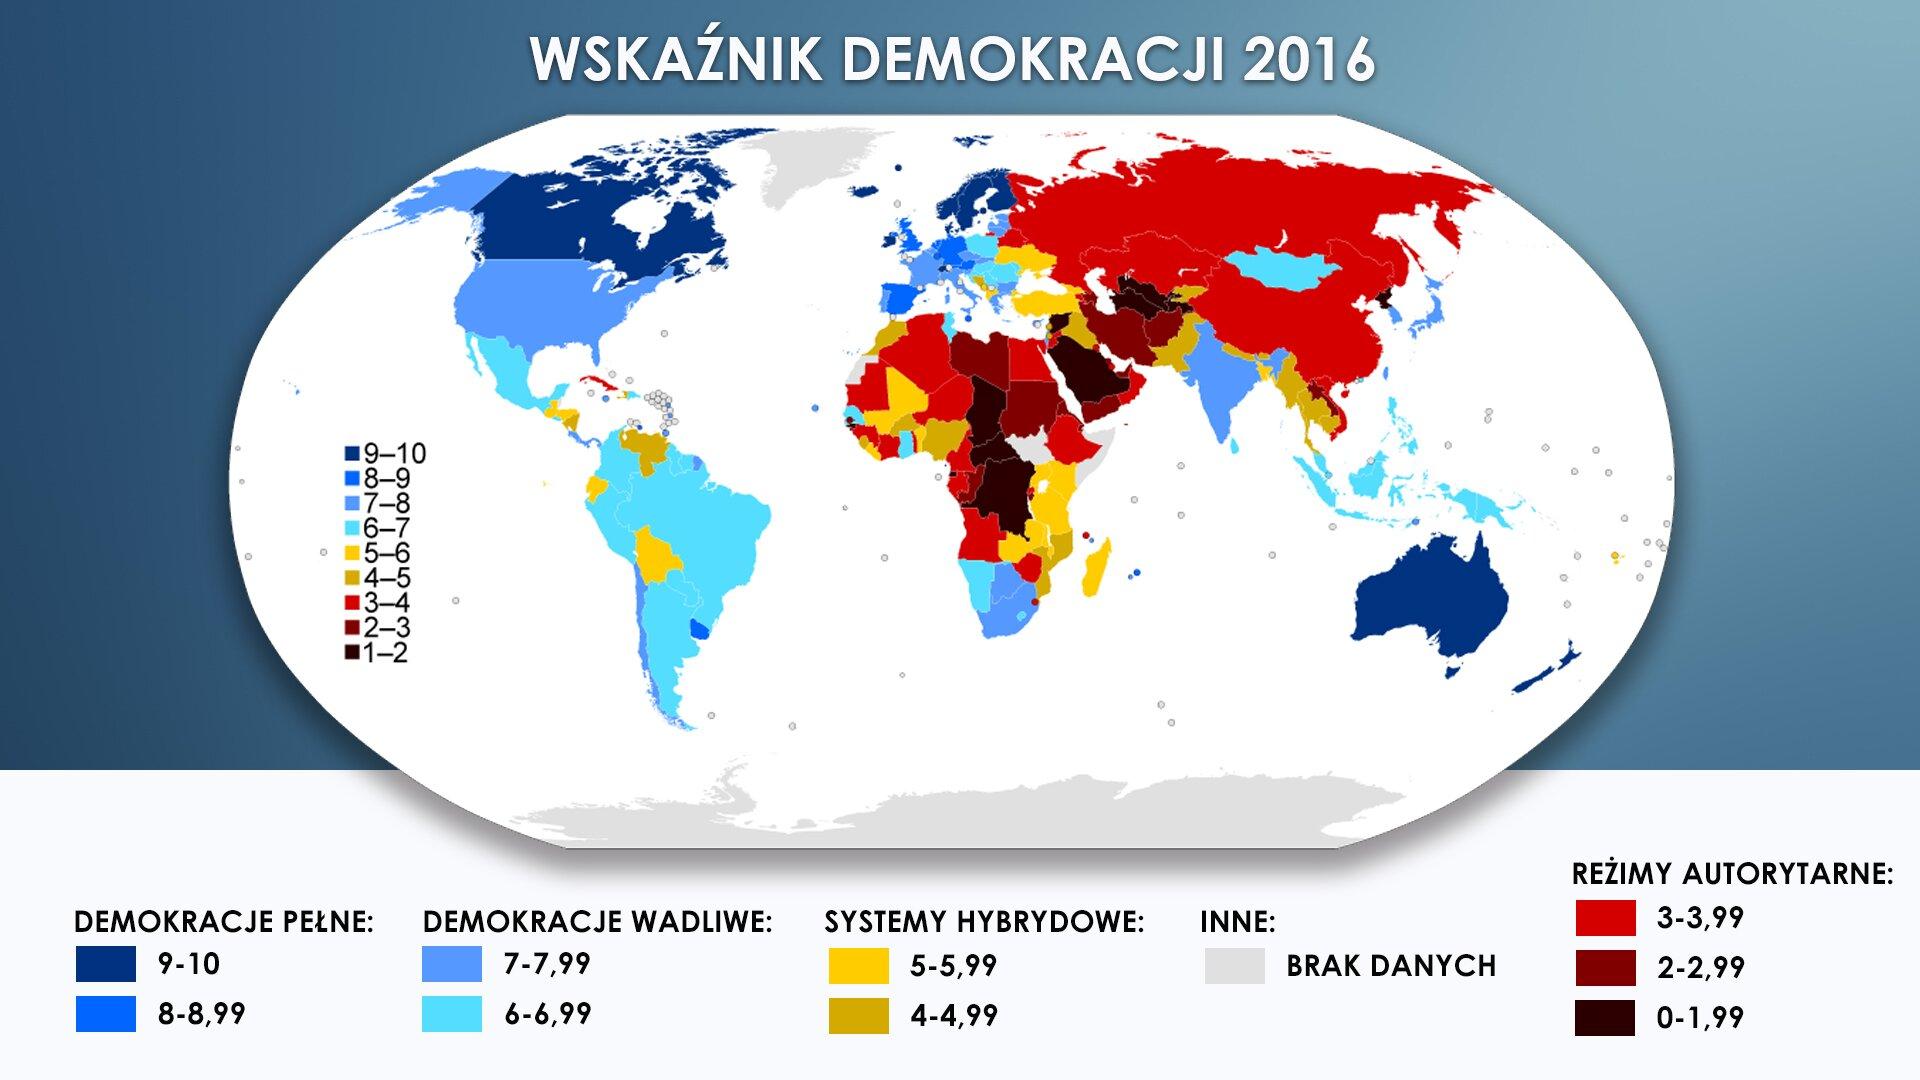 """Ilustracja nosi tytuł """"WSKAŹNIK DEMOKRACJI 2016"""". Grafika przedstawia mapę świata na niebieskim tle. Zbiorniki wodne zaznaczone zostały kolorem białym. Państwa oznaczono różnymi kolorami. Kolor zależy od wskaźnika demokracji wdanym kraju od 0 (czyli od reżimu autorytarnego) do 10 (czyli do pełnej demokracji). Poniżej mapy zamieszczona została legenda opisująca za pomocą kolorowych prostokątów, jakie kolory przyporządkowane są do różnych wskaźników. Kolor granatowy oznacza demokrację pełną mieszczącą się wprzedziale od 9 do 10. Kolor niebieski oznacza demokrację pełną mieszczącą się wprzedziale od 8 do 8,99. Kolor jasnoniebieski oznacza demokrację wadliwą mieszczącą się wprzedziale od 7 do 7,99. Kolor błękitny oznacza demokrację wadliwą mieszczącą się wprzedziale od 6 do 6,99. Kolor żółty oznacza system hybrydowy mieszczący się wprzedziale od 5 do 5,99. Kolor ciemnożółty oznacza system hybrydowy mieszczący się wprzedziale od 4 do 4,99. Kolor szary oznacza brak danych owskaźniku demokracji. Kolor czerwony oznacza reżim autorytarny mieszczący się wprzedziale od 3 do 3,99. Kolor bordowy oznacza reżim autorytarny mieszczący się wprzedziale od 2 do 2,99. Kolor czarny oznacza reżim autorytarny mieszczący się wprzedziale od 0 do 1,99. Na mapie przykładem państwa opełnej demokracji wskali od 9 do 10 jest Kanada, Australia, Szkocja, Norwegia, Szwecja, Dania, Finlandia. Na mapie przykładem państwa opełnej demokracji wskali od 8 do 8,99 są Niemcy, Wielka Brytania iHiszpania. Na mapie przykładem państwa owadliwej demokracji wskali od 7 do 7,99 są Stany Zjednoczone, Francja, Portugalia, Indie, Republika Południowej Afryki, Chile. Na mapie przykładem państwa owadliwej demokracji wskali od 6 do 6,99 jest Polska, Rumunia, Meksyk, Brazylia, Argentyna, Filipiny. Na mapie przykładem państwa osystemie hybrydowym wskali od 5 do 5,99 jest Ukraina, Turcja, Madagaskar, Ekwador, Boliwia. Na mapie przykładem państwa osystemie hybrydowym wskali od 4 do 4,99 jest Wenezuela, Maroko, Nigeria, Taj"""